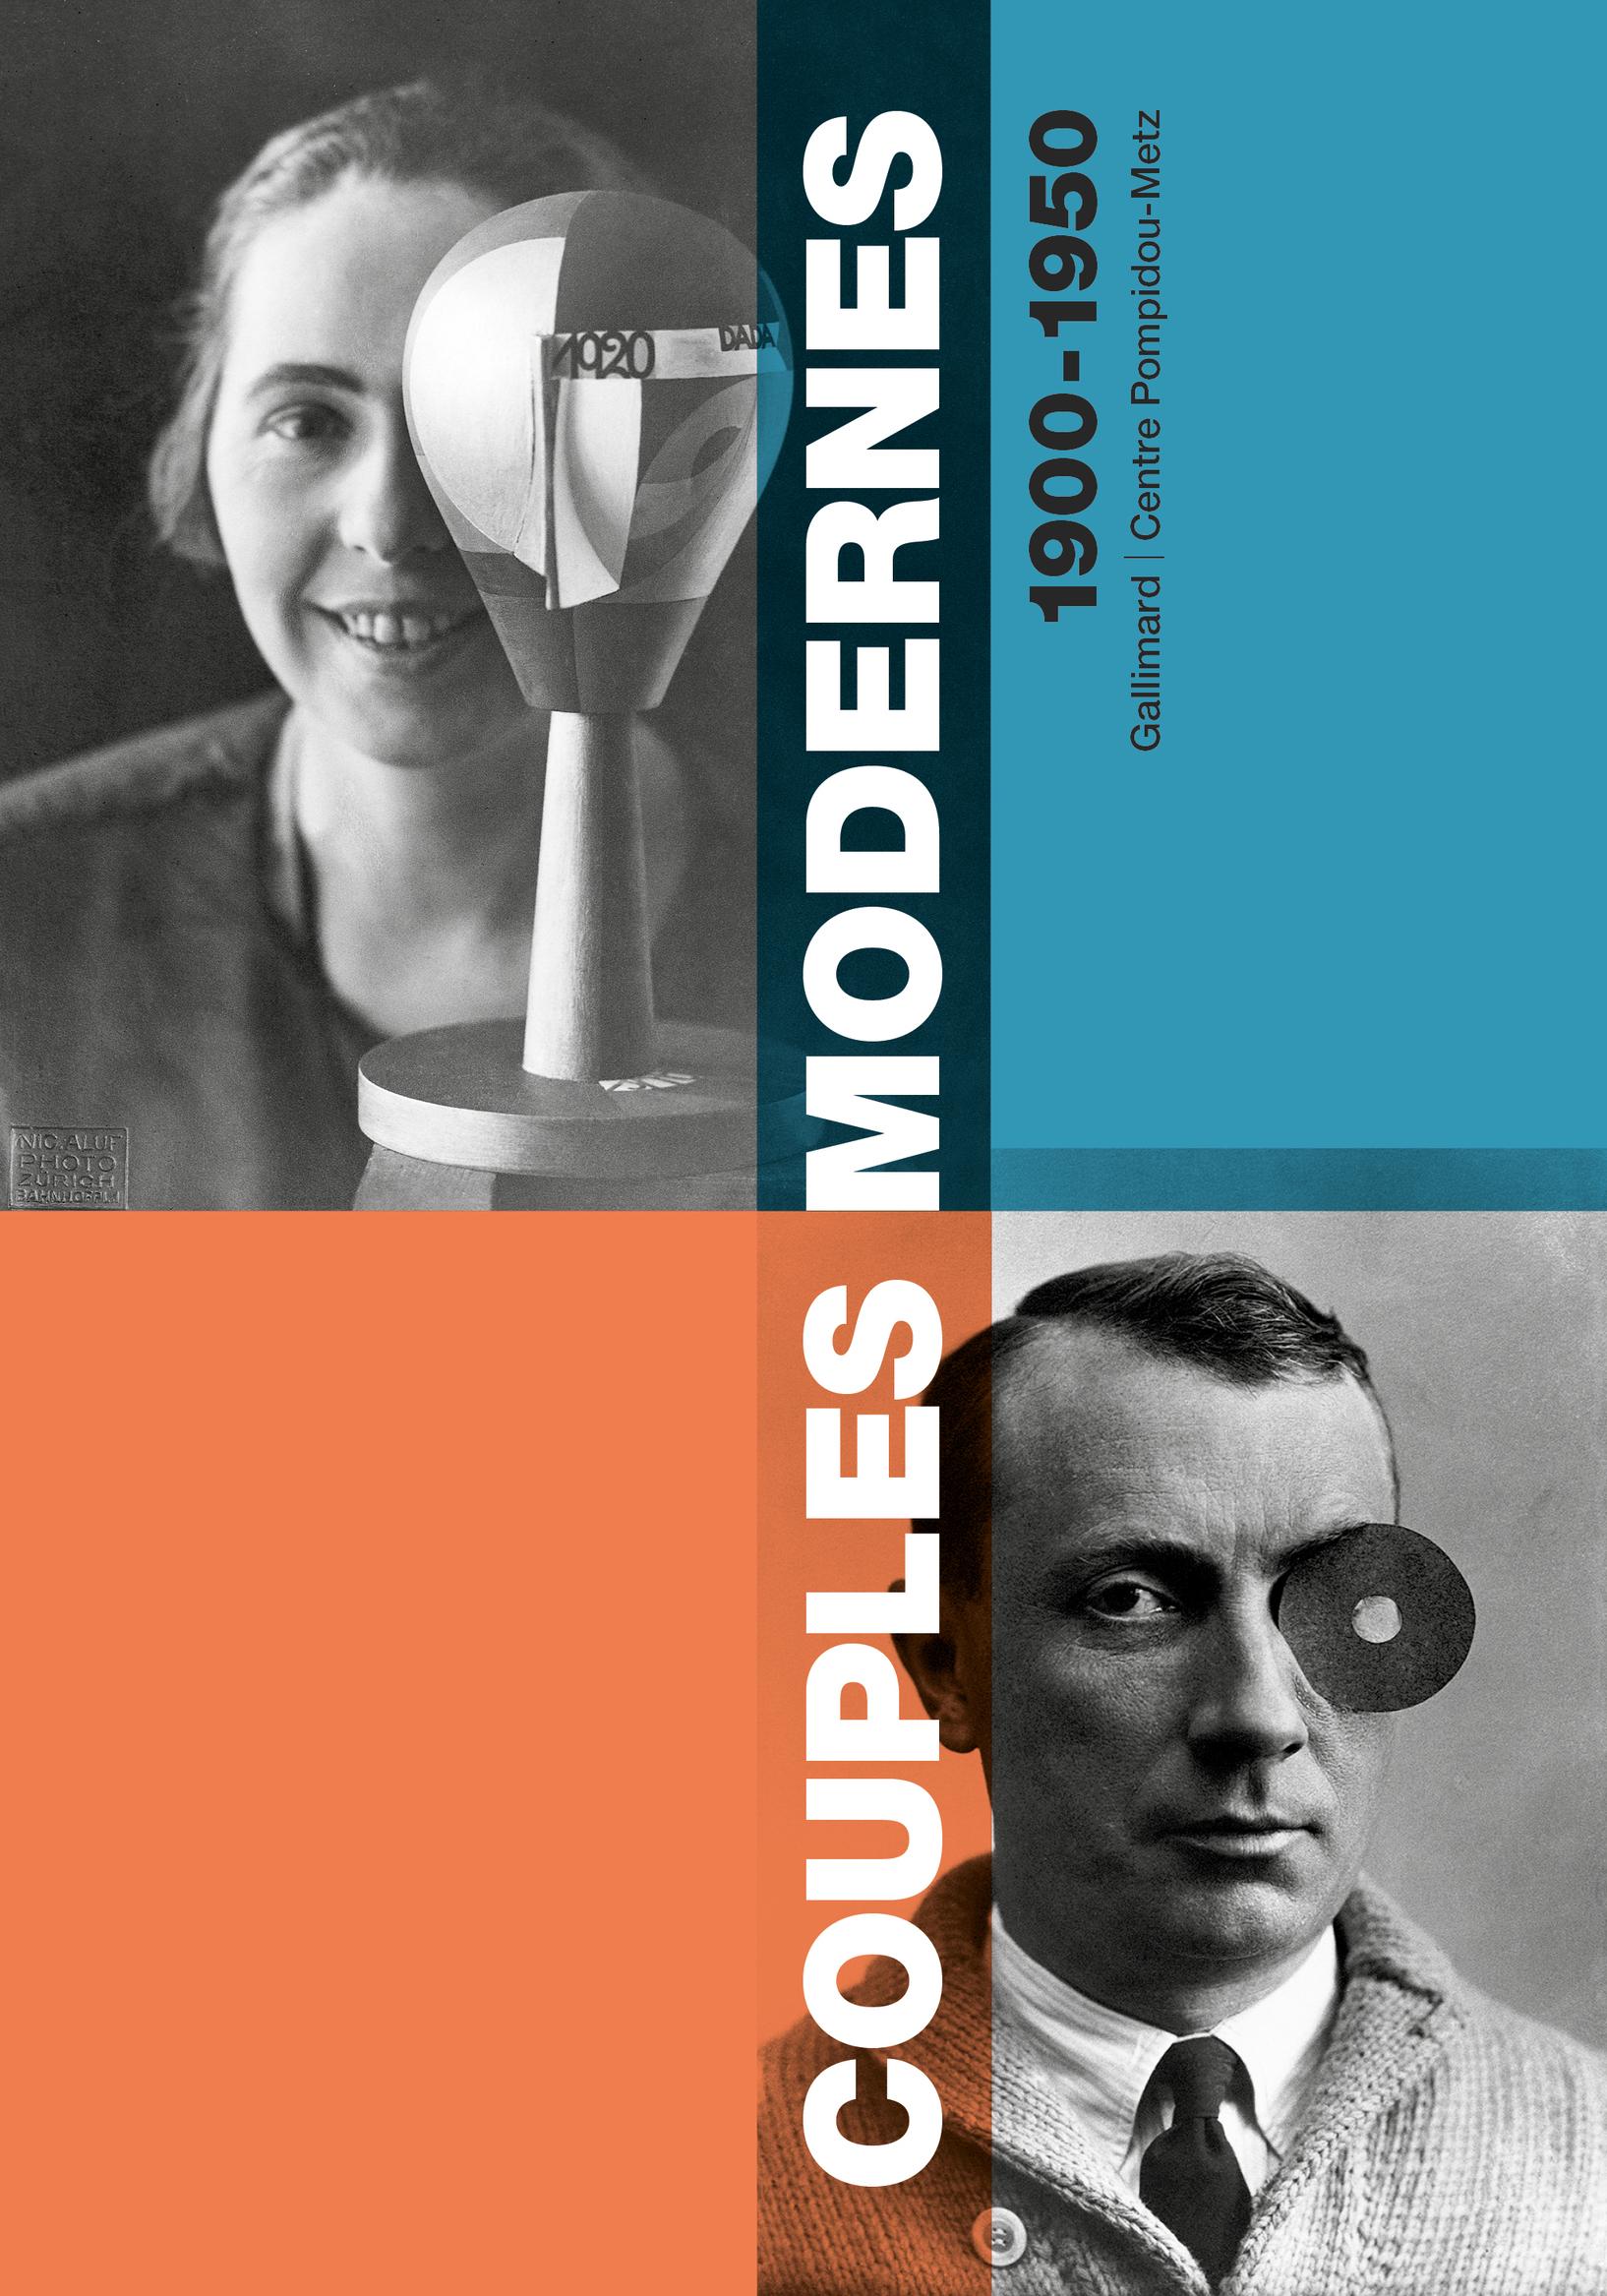 E. Lavigne (dir.), Couples modernes. Dictionnaire des couples d'artistes de la fin du XIXᵉ à la première moitié du XXᵉ s.